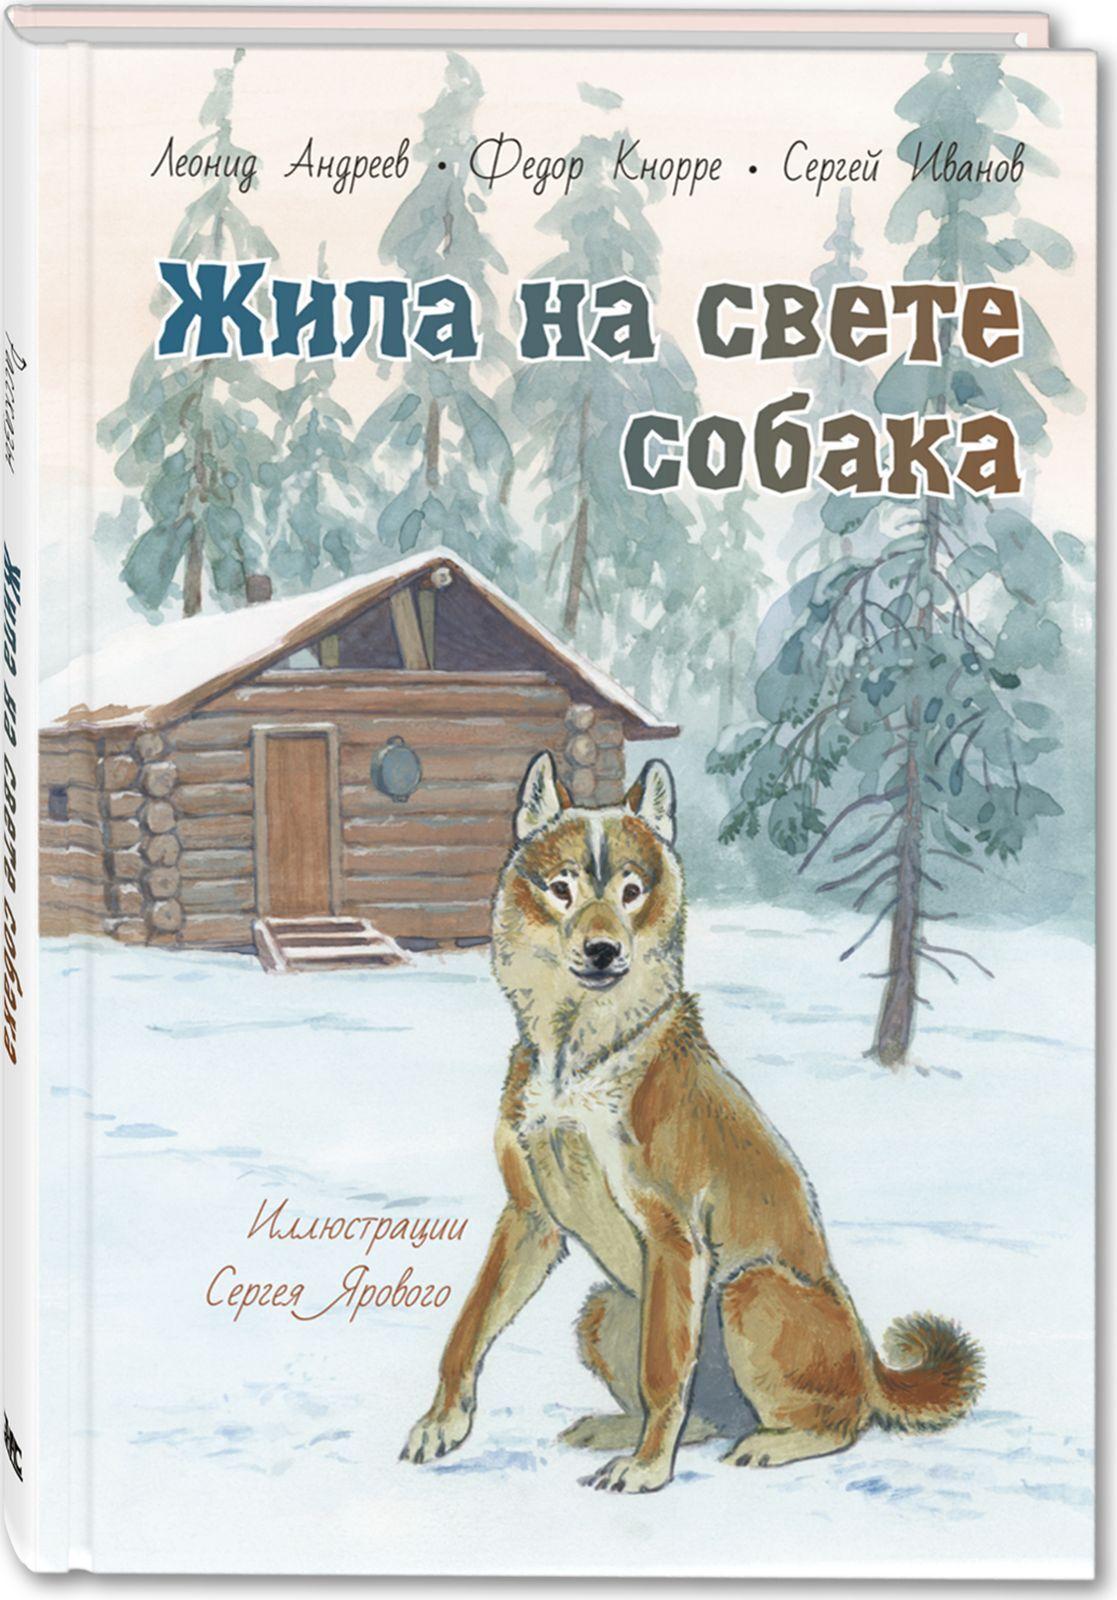 Жила на свете собака | Андреев Леонид Николаевич, Кнорре Федор Федорович